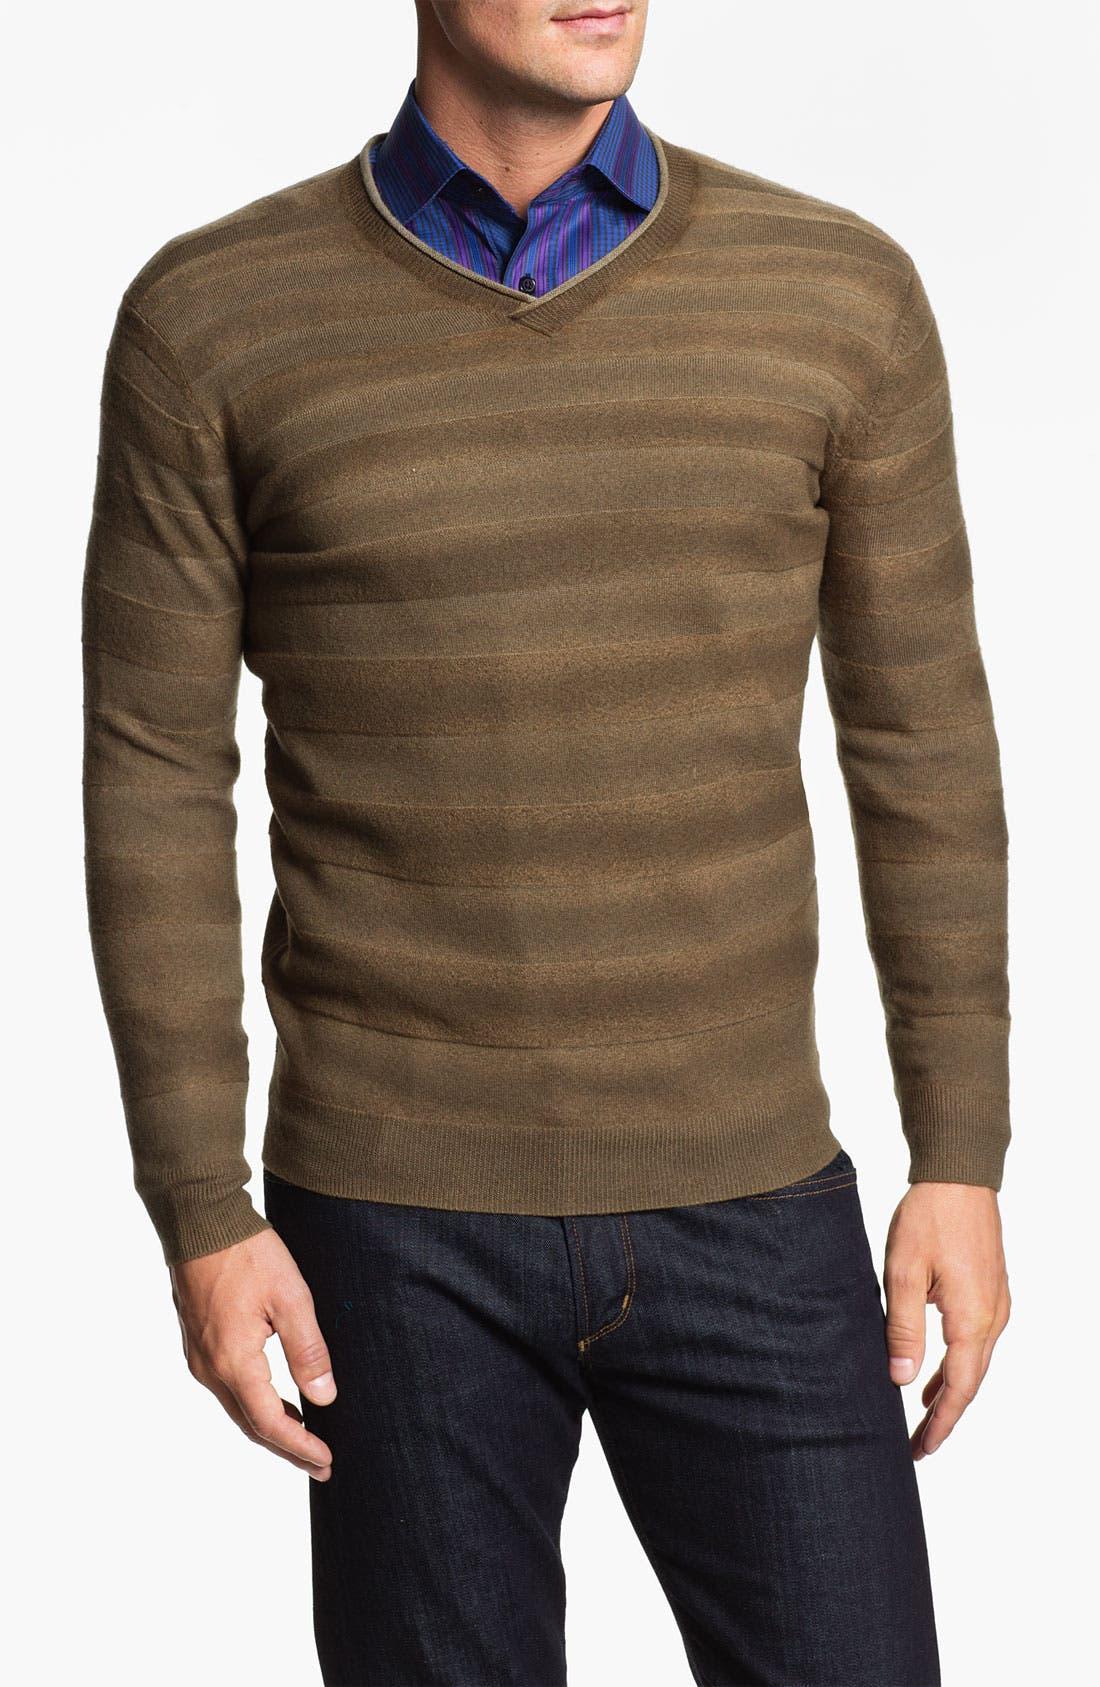 Alternate Image 1 Selected - Bugatchi Uomo V-Neck Merino Wool Sweater